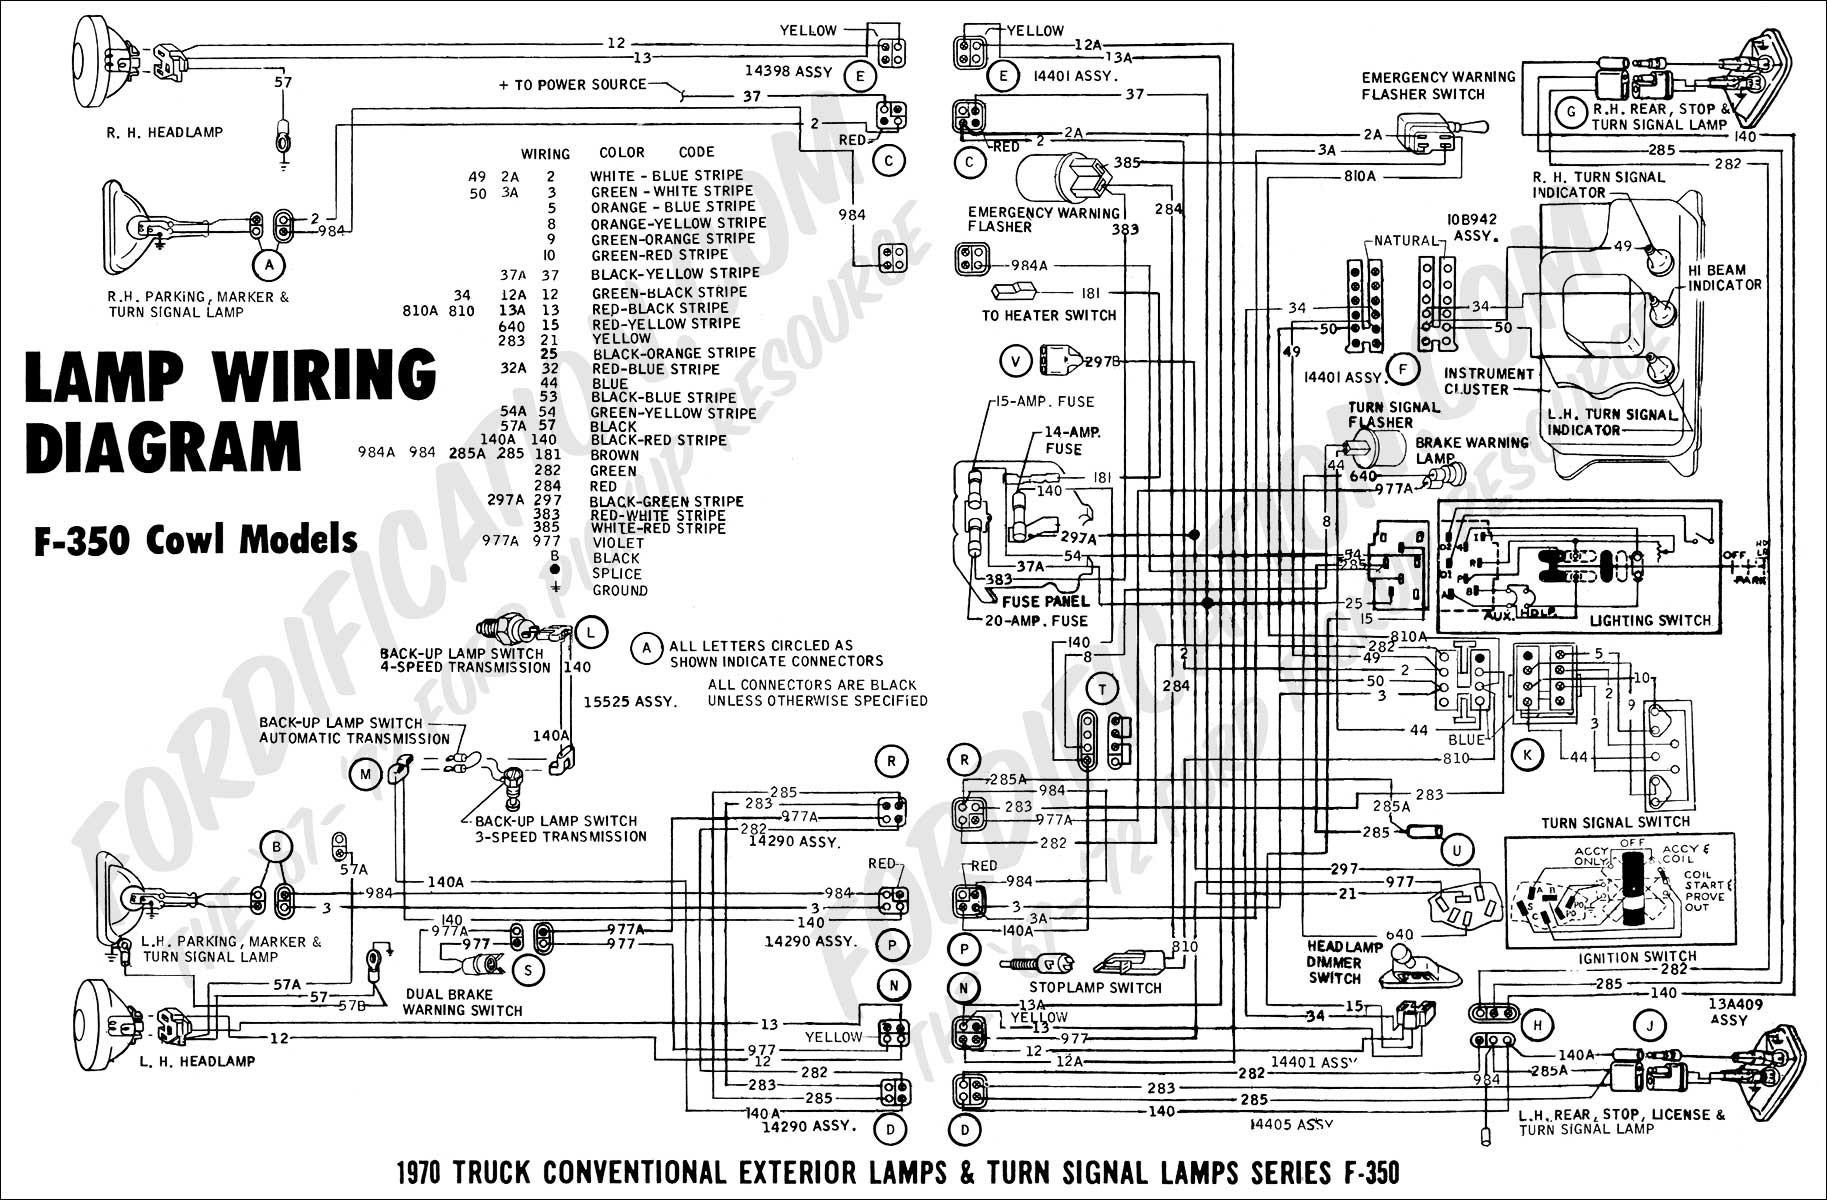 1994 ford Ranger Wiring Diagram Wiring Diagram Trailer ford F550 Best F350 2011 Wiring Diagrams Of 1994 ford Ranger Wiring Diagram